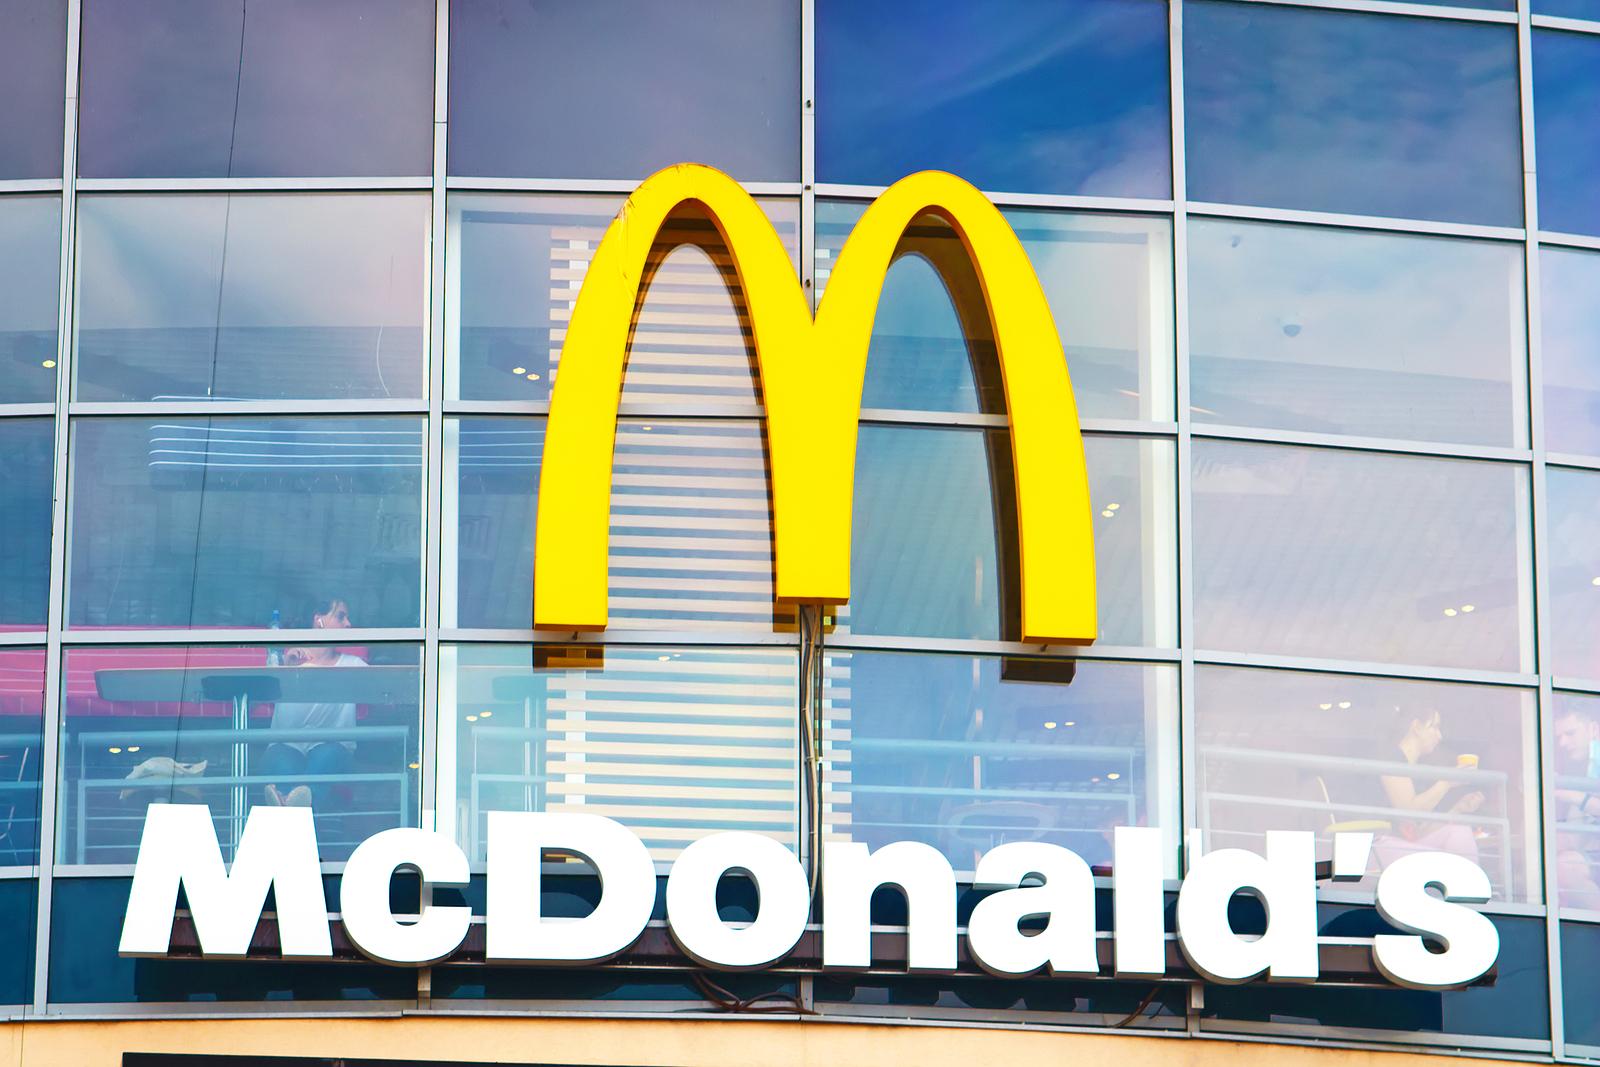 McDonalds stock, MCD stock, fast food stocks, restaurant stocks